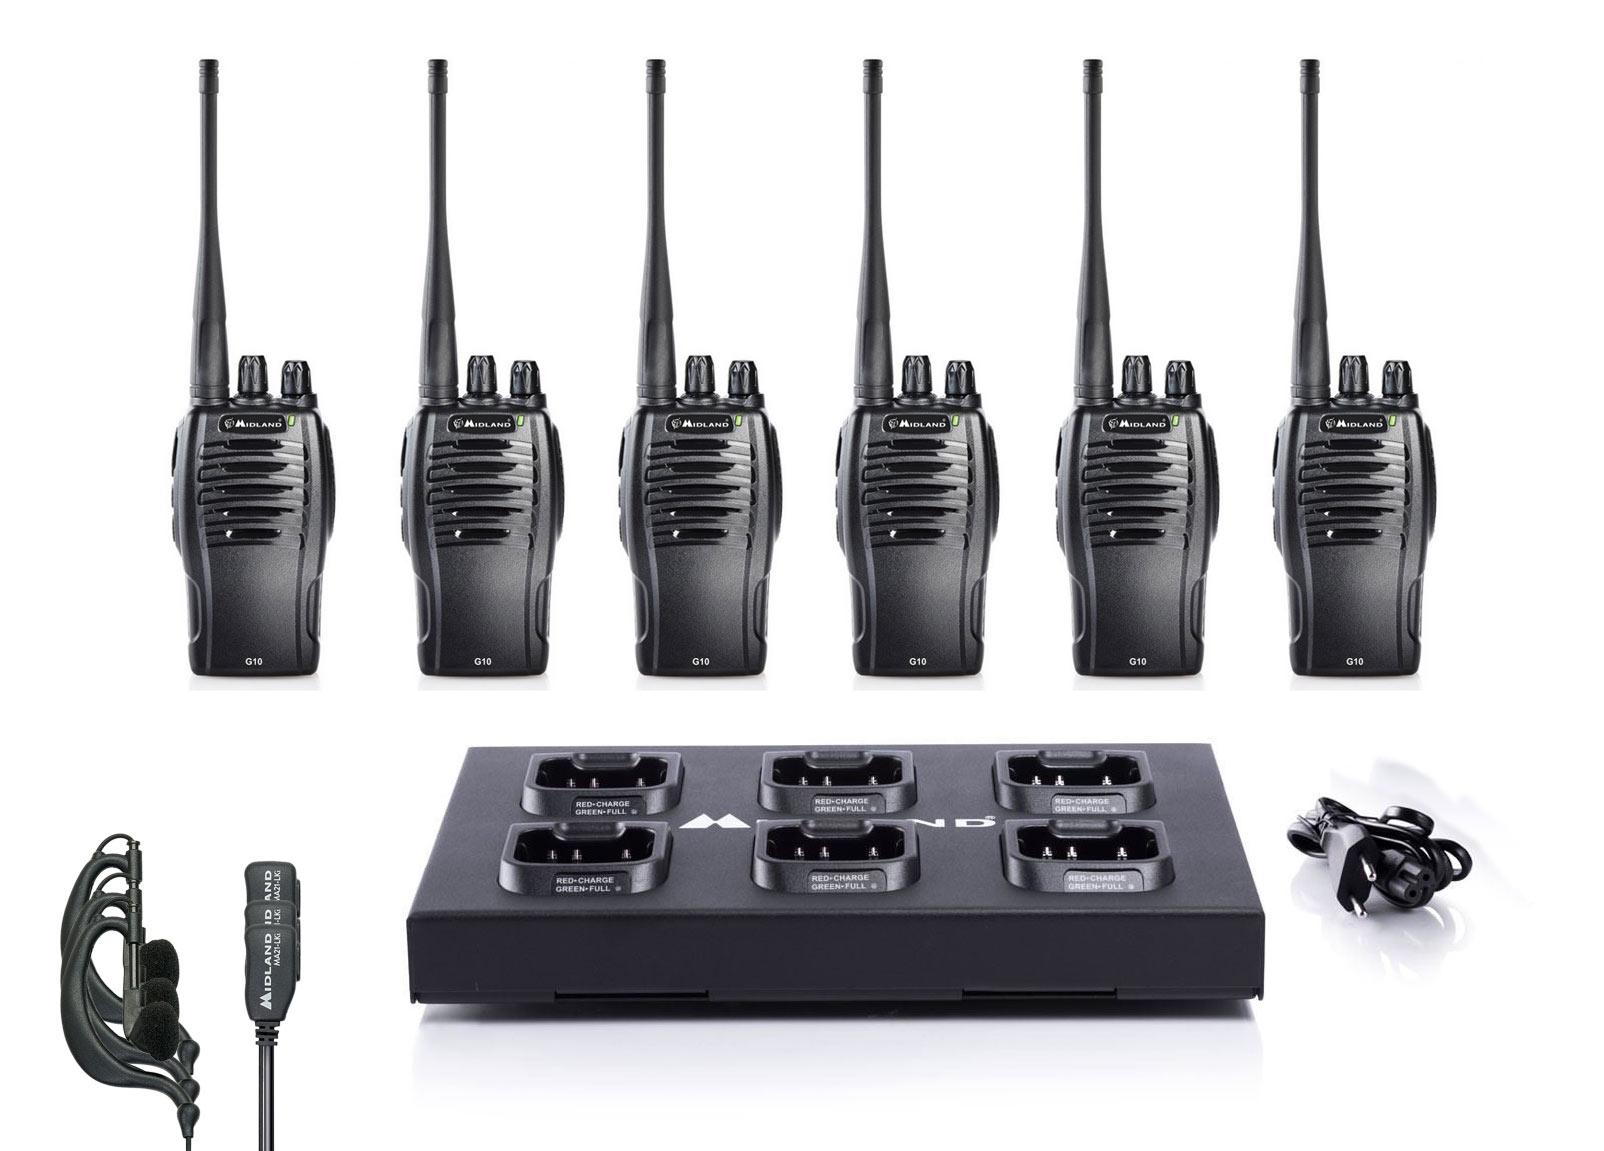 Midland G10 Custom Σετ 6 τεμαχίων με ακουστικά & φορτιστή 6 θέσεων